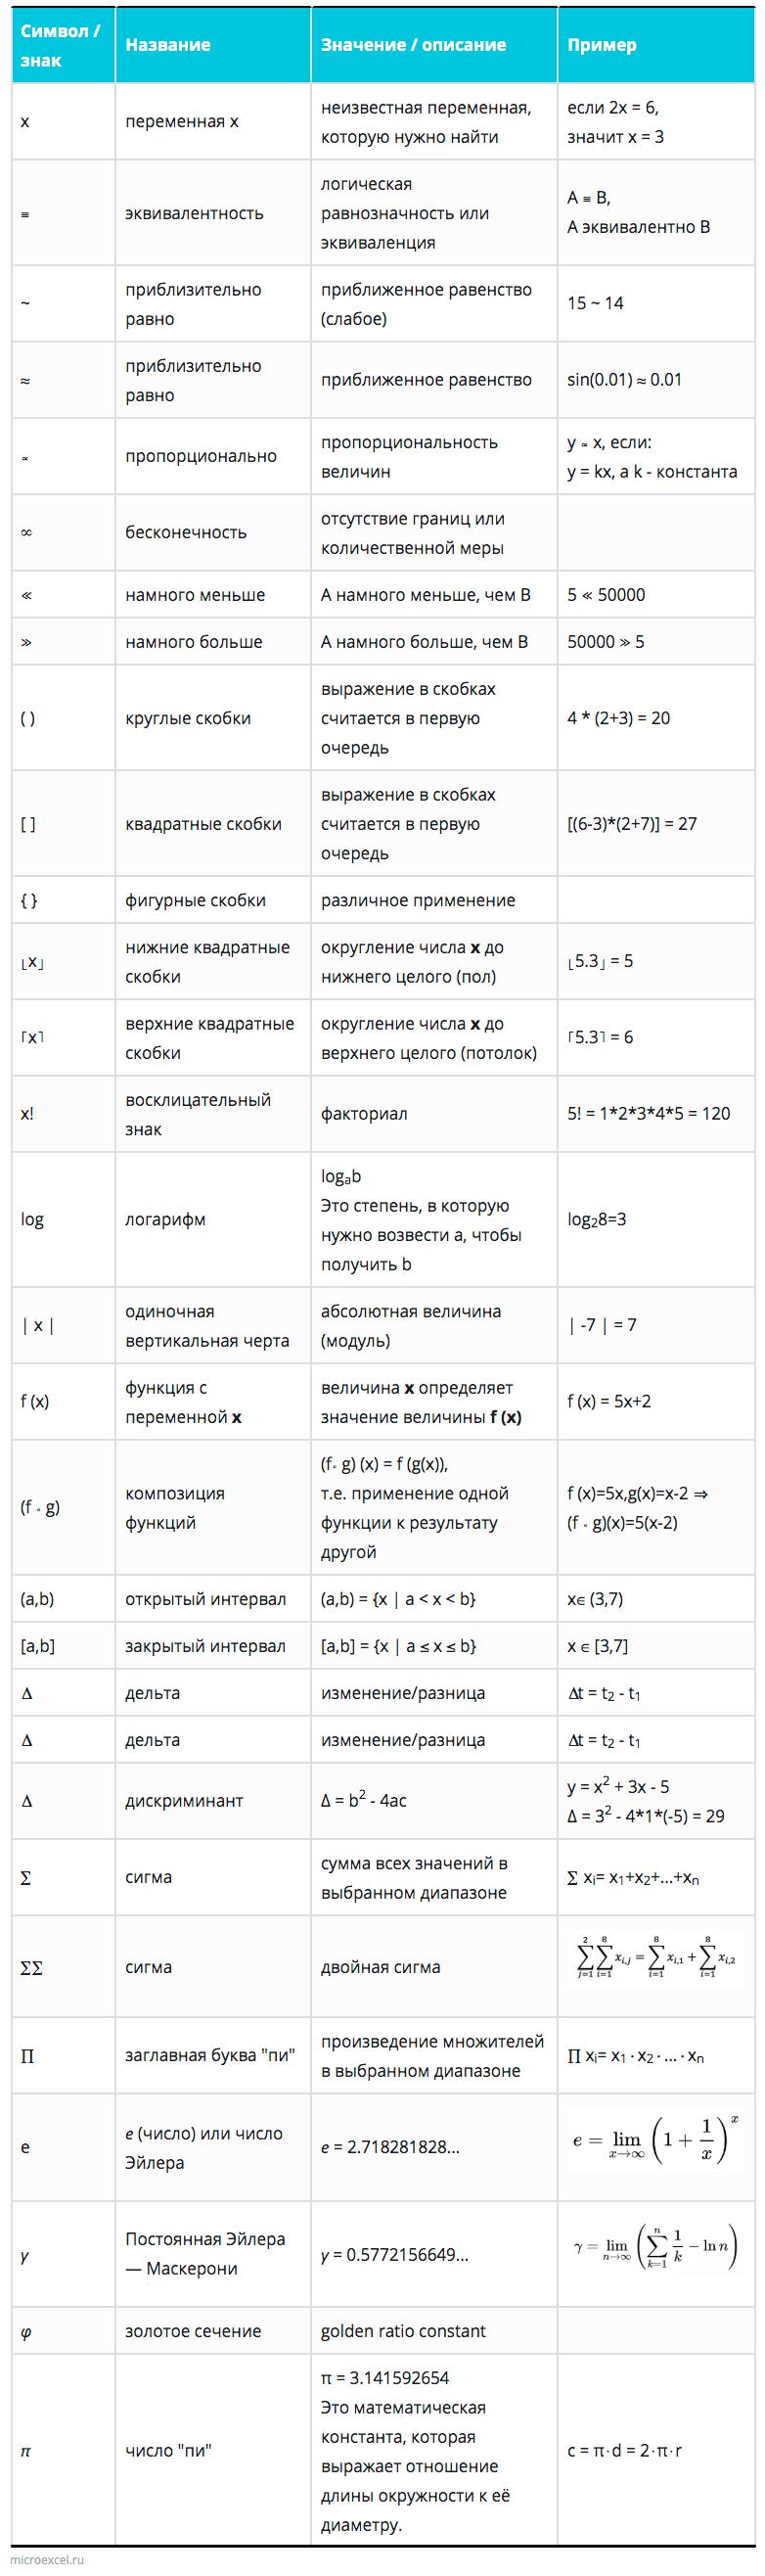 Таблица с символами и знаками по алгебре